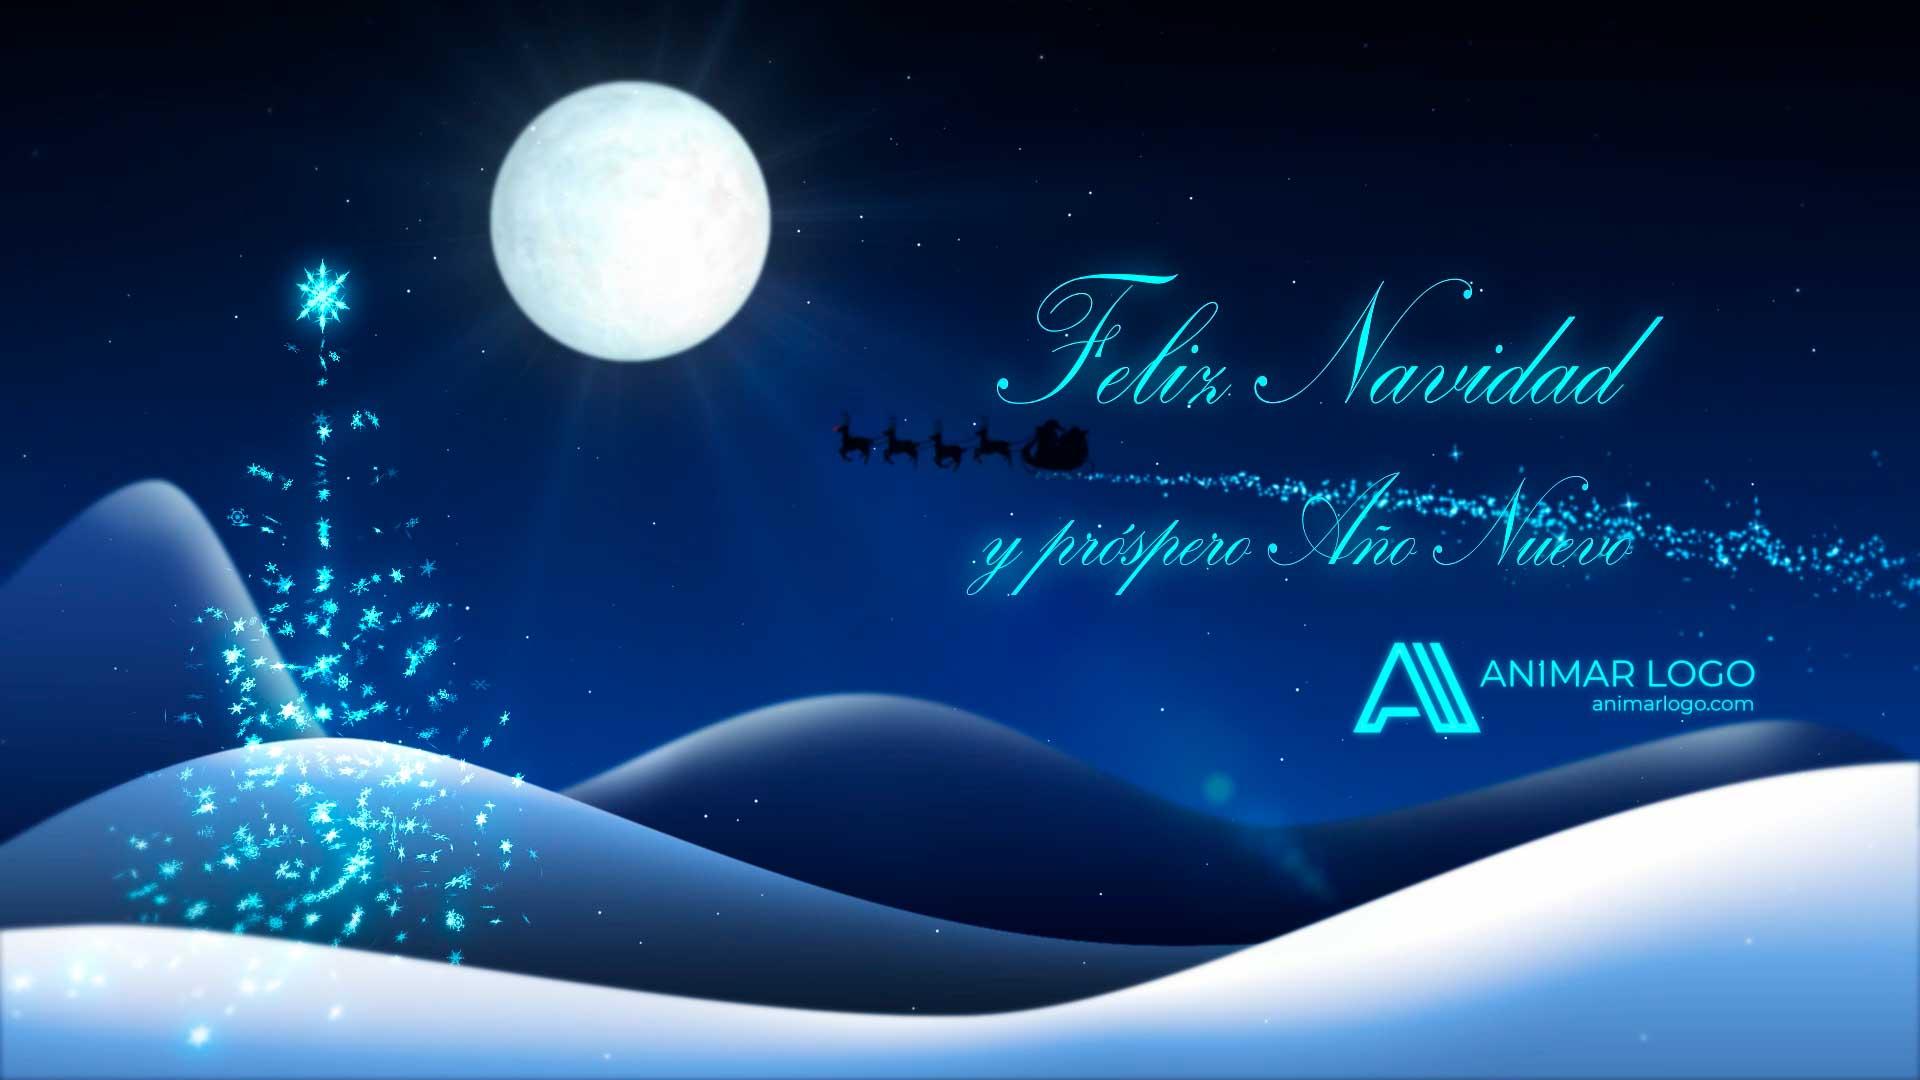 Felicitación-de-Navidad-Destellos-azules-AL047-animacion-logotipo